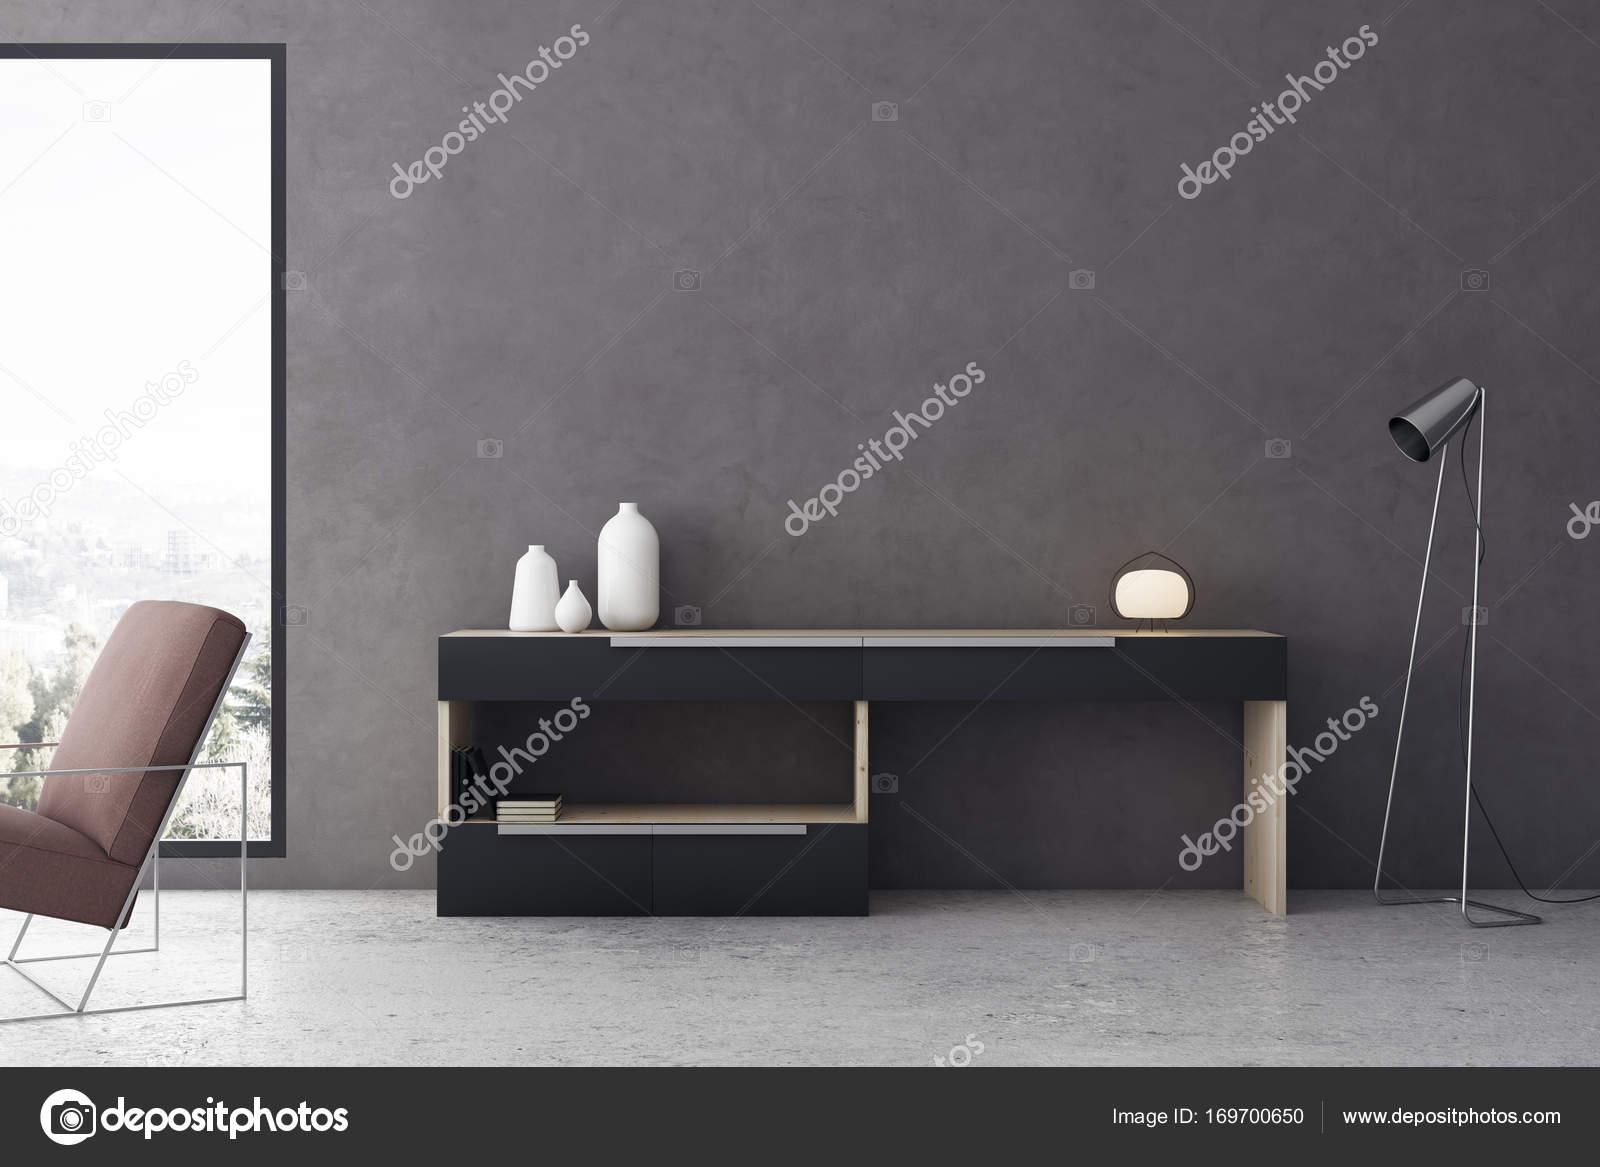 zeitgenössische Wohnzimmer Interieur — Stockfoto © peshkova #169700650